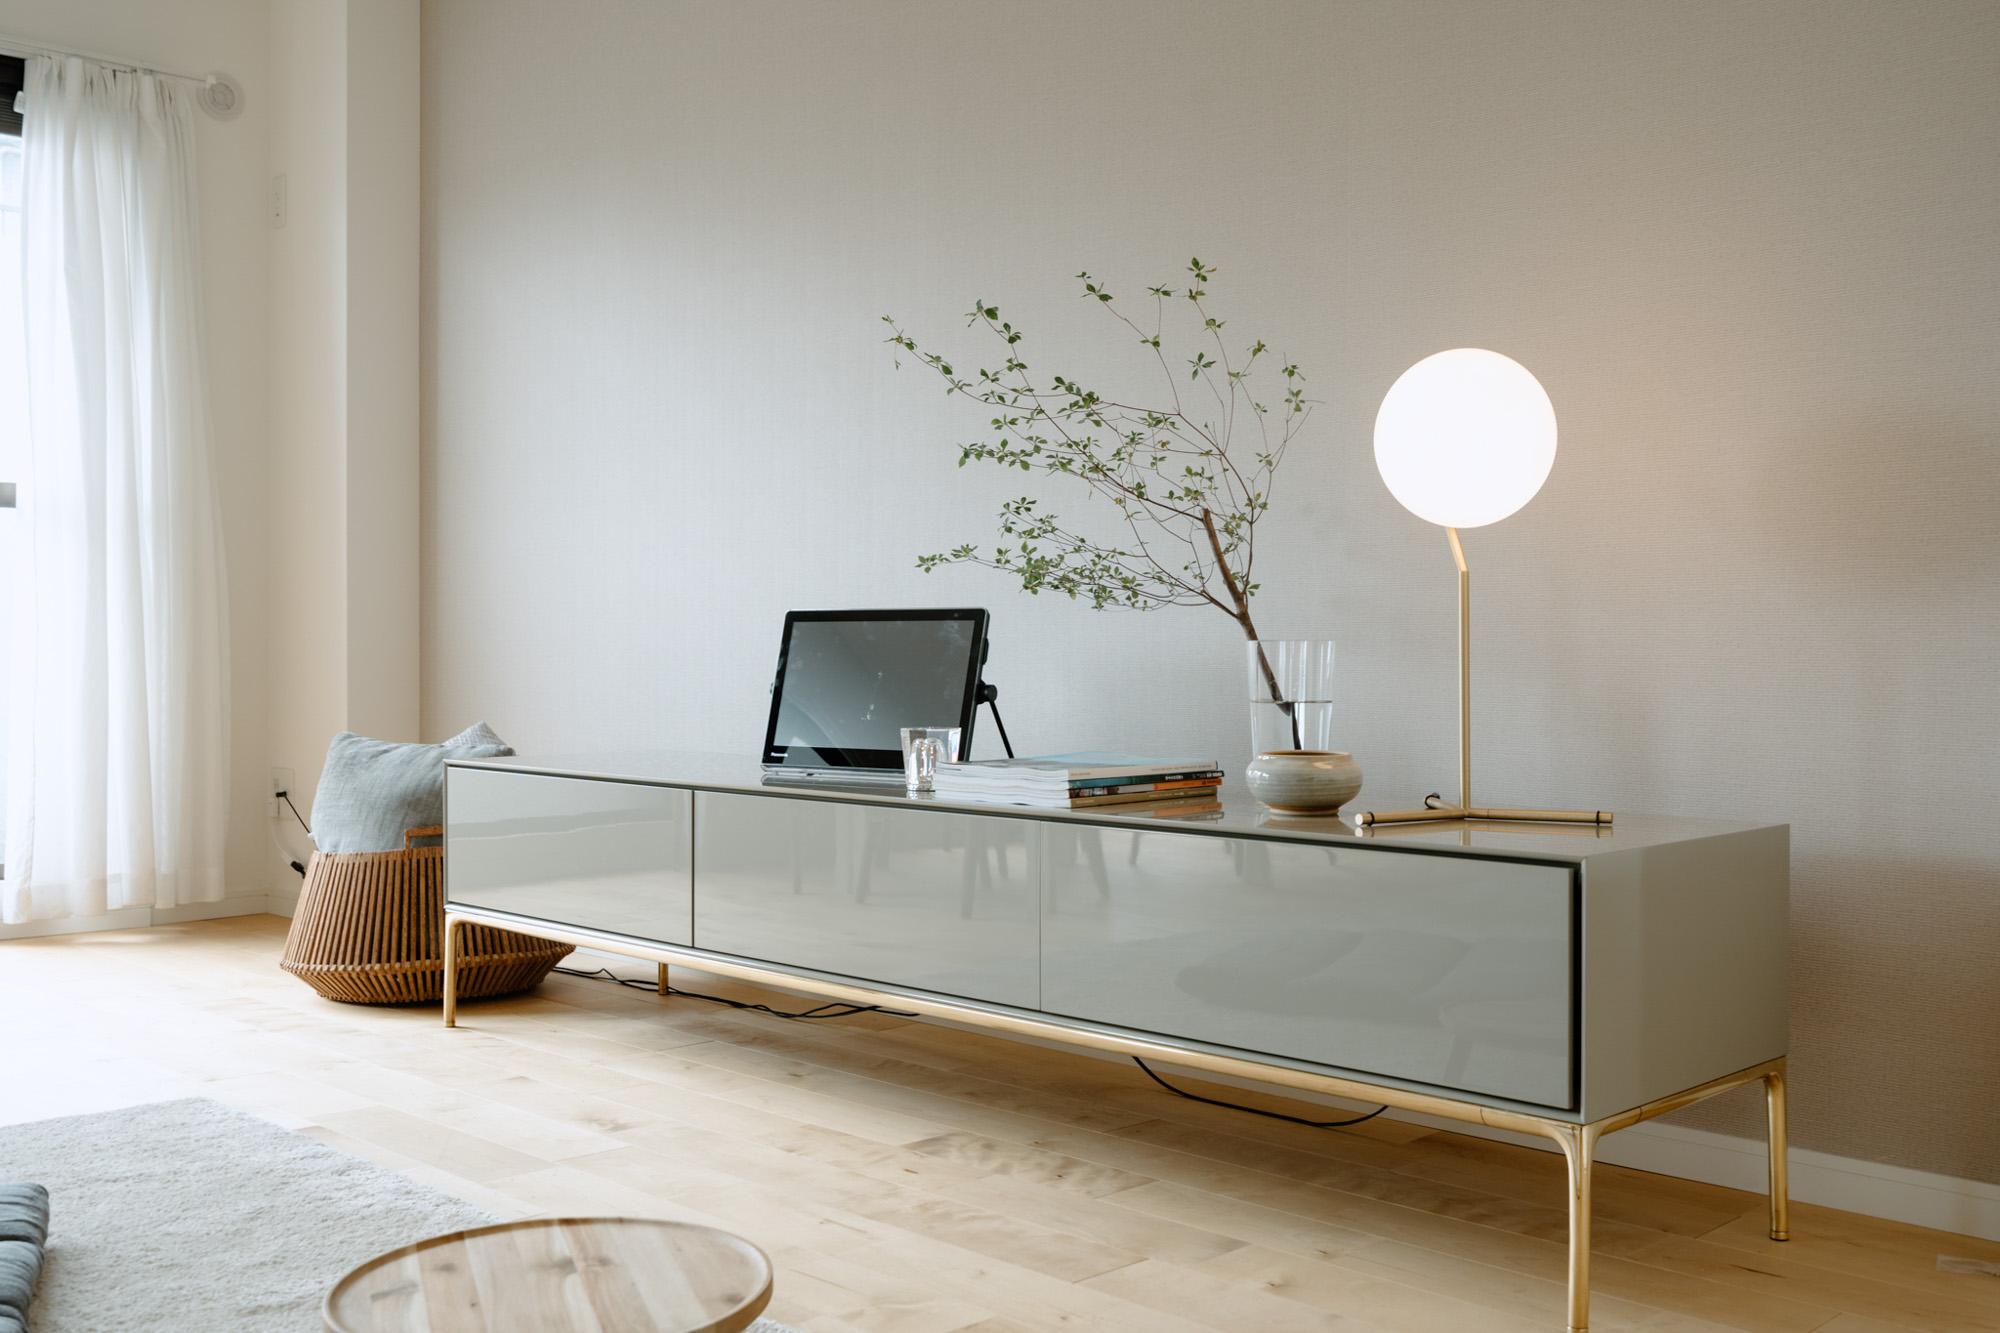 部屋の中で一番気に入っているのは、Time&Styleのテレビボード。シンプルだけど艶感がある素材に、真鍮の脚がポイント。